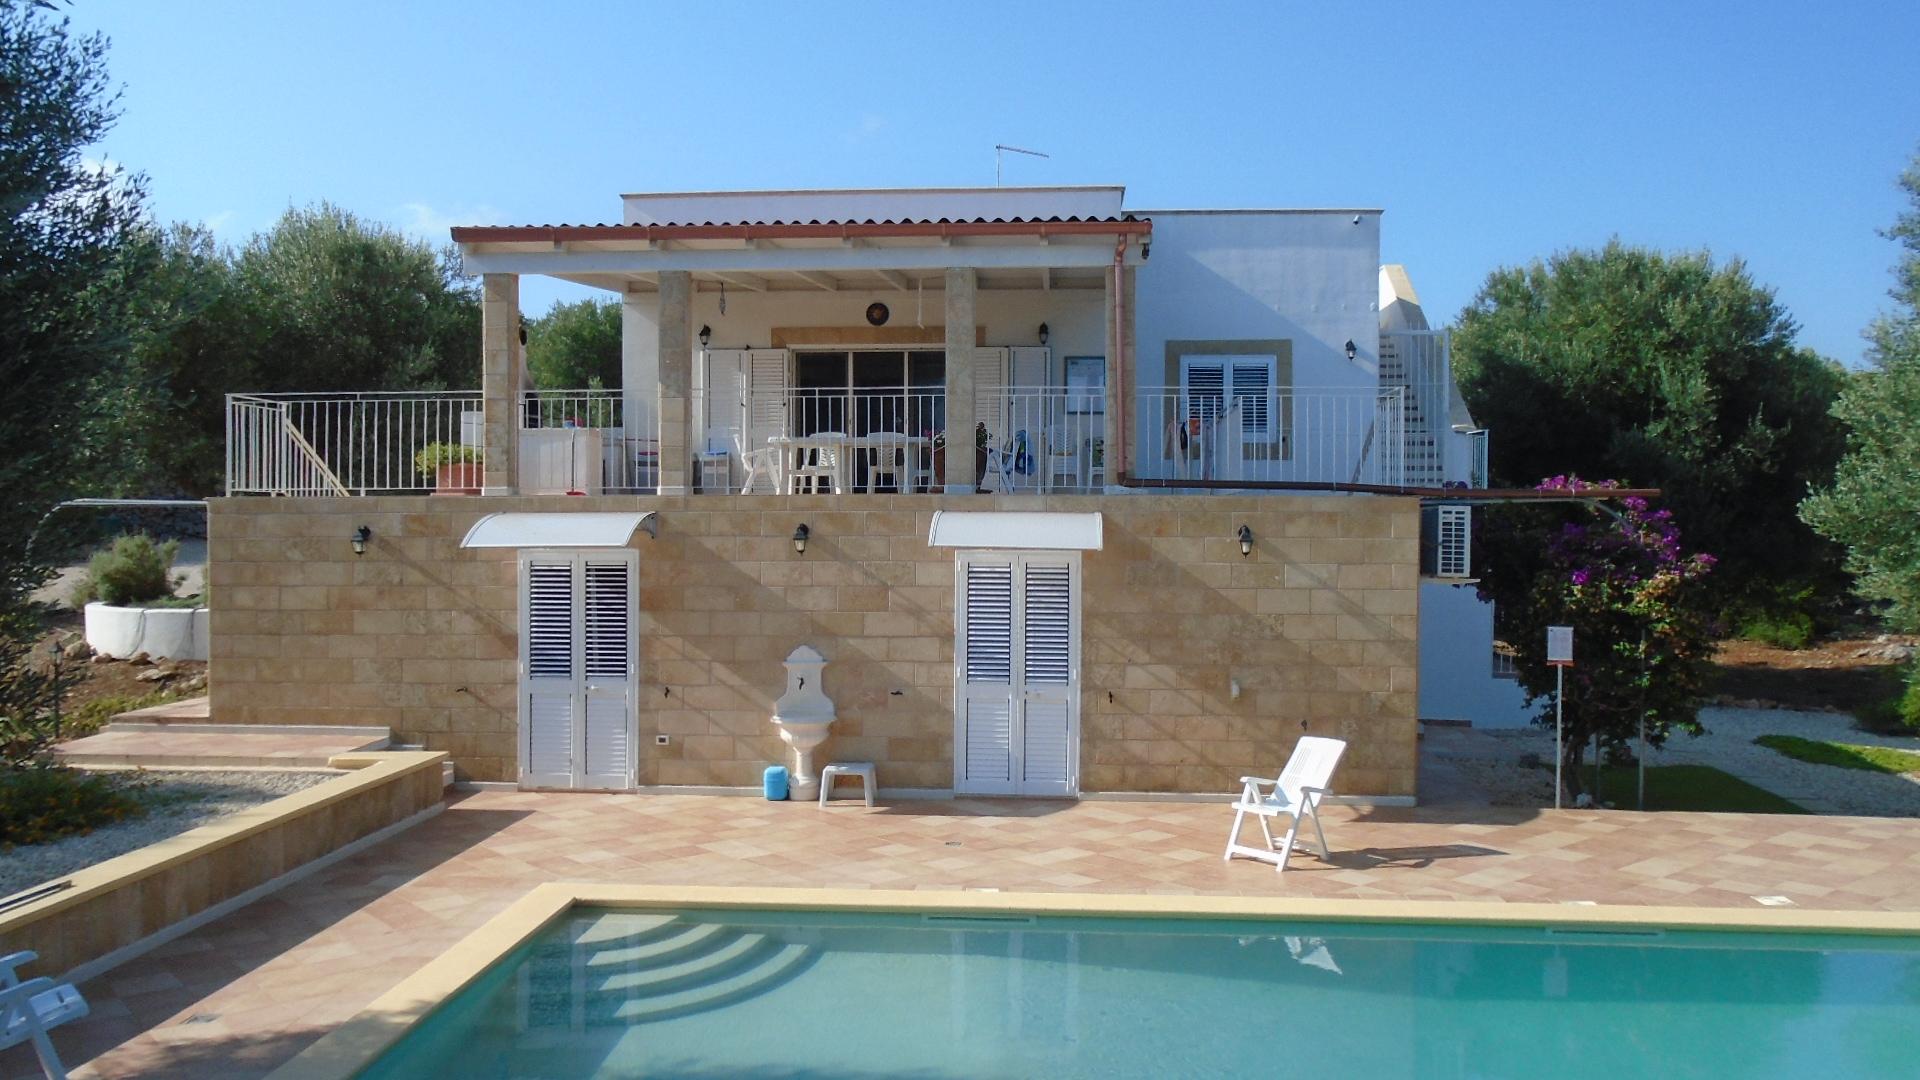 Affitto villa con piscina in puglia zona ostuni prenota for Compro casa bergamo